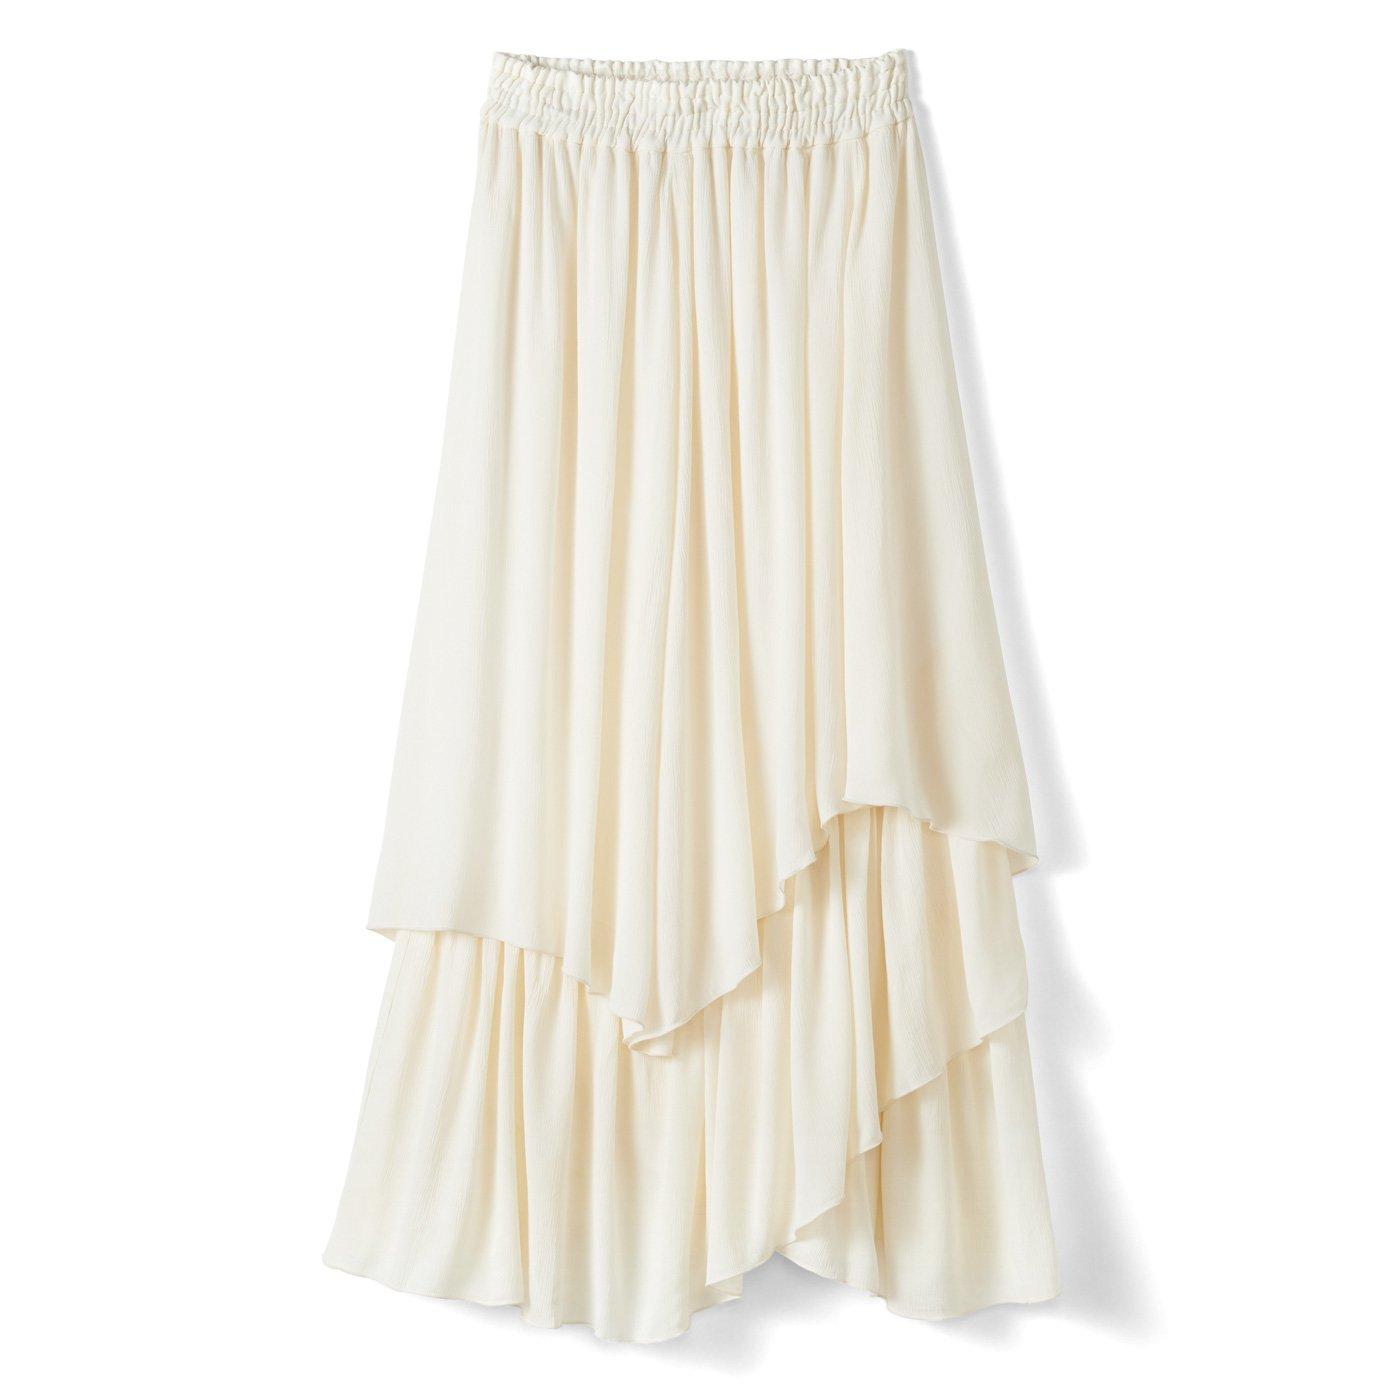 IEDIT[イディット] ふわりと軽やかな楊柳(ようりゅう)ティアードイレギュラーヘムスカート〈アイボリー〉